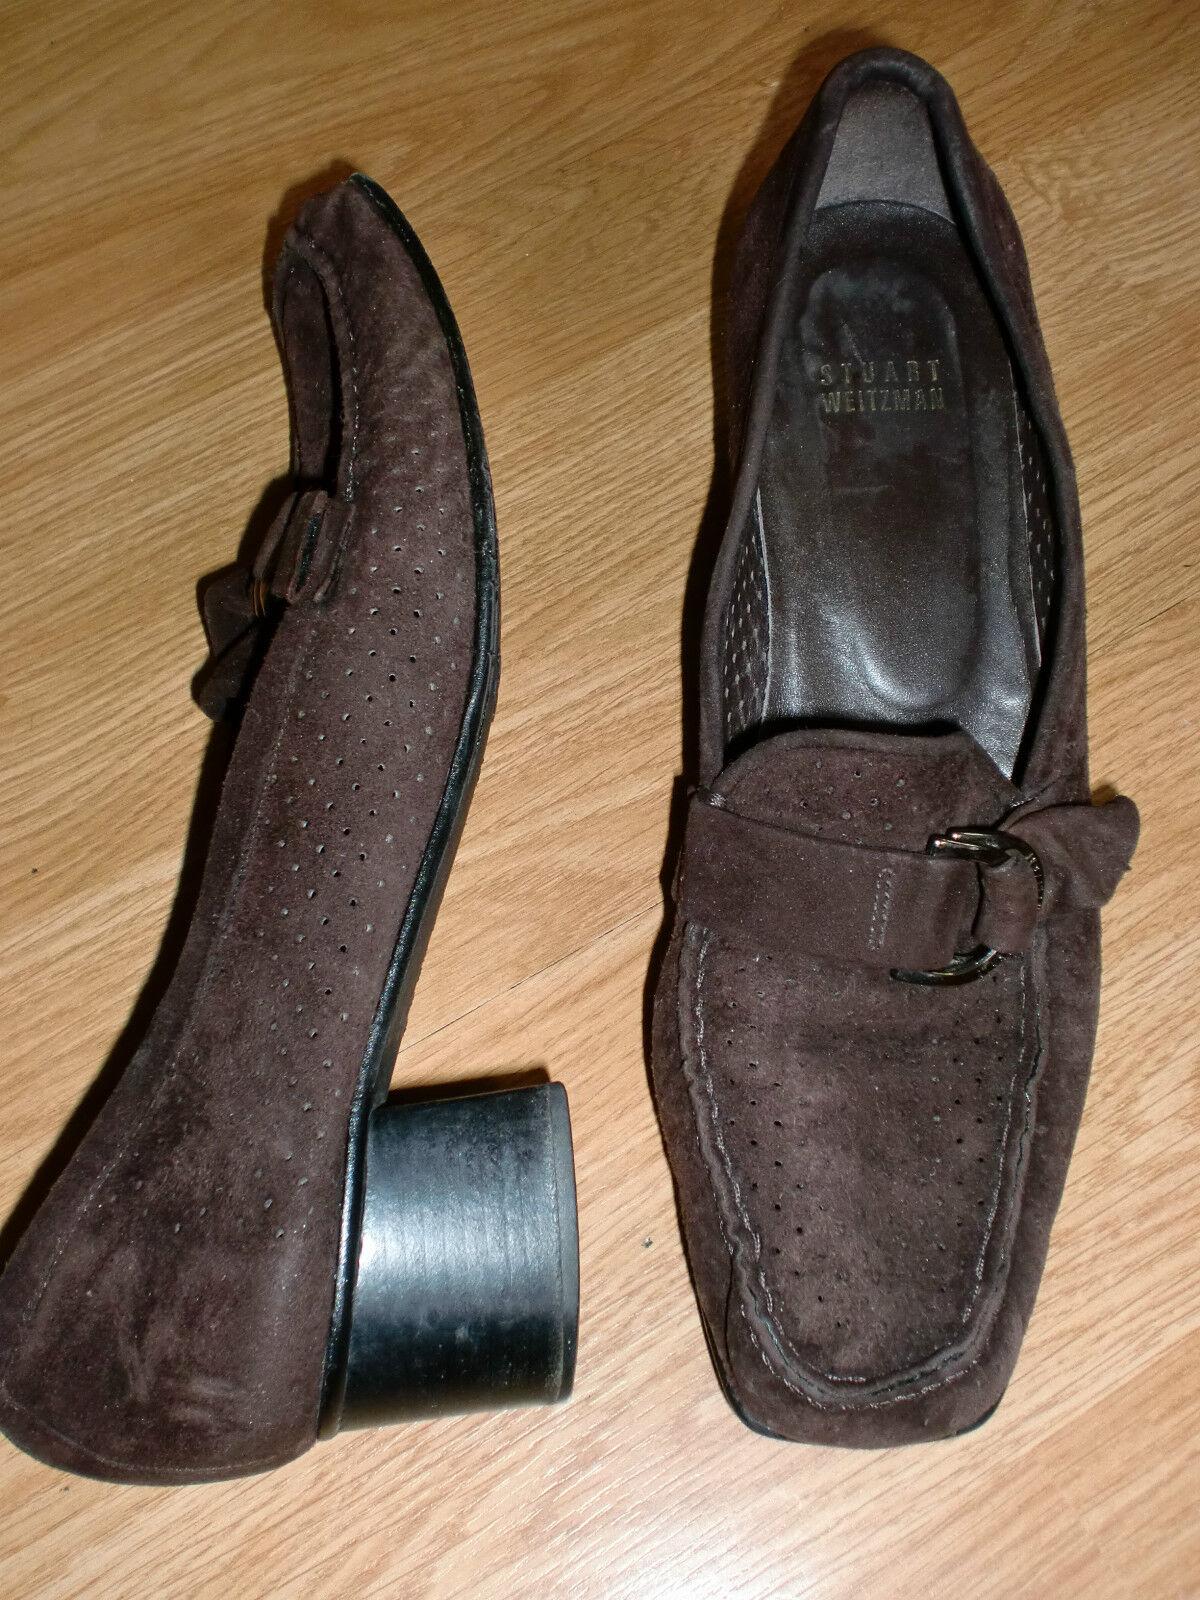 STUART Suede WEITZMAN 8.5 M Brown Suede STUART Loafer Heels Metal Hardware 0b6422